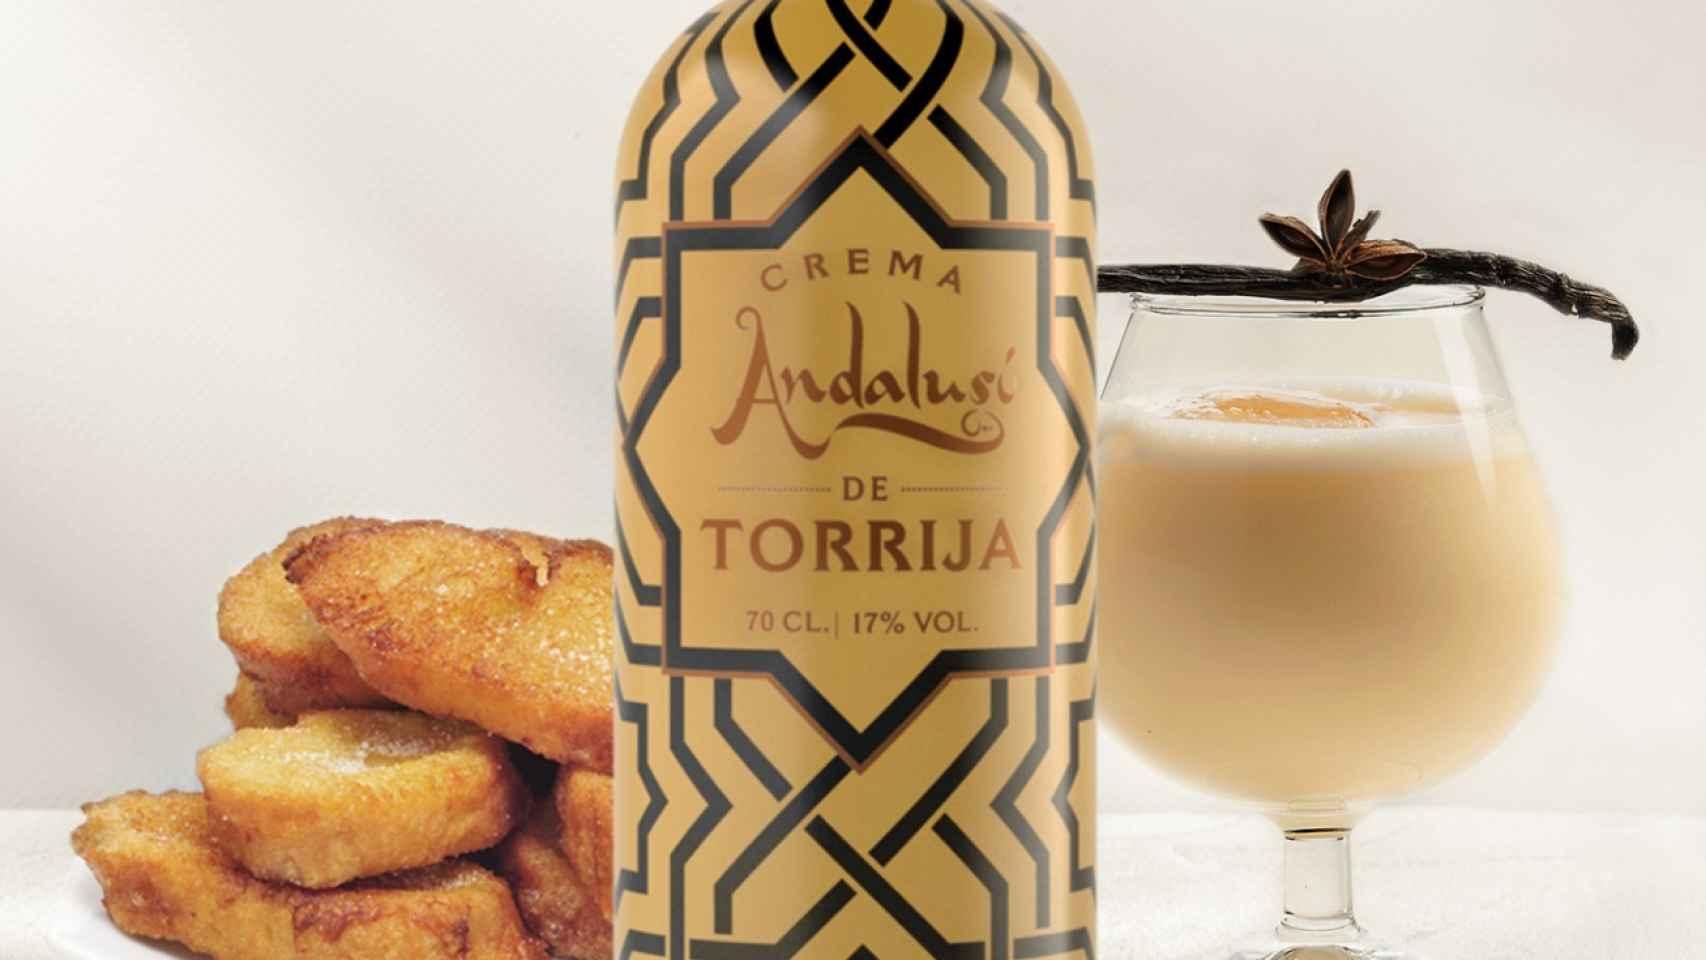 Crema de torrija de Andalusí Beverages.